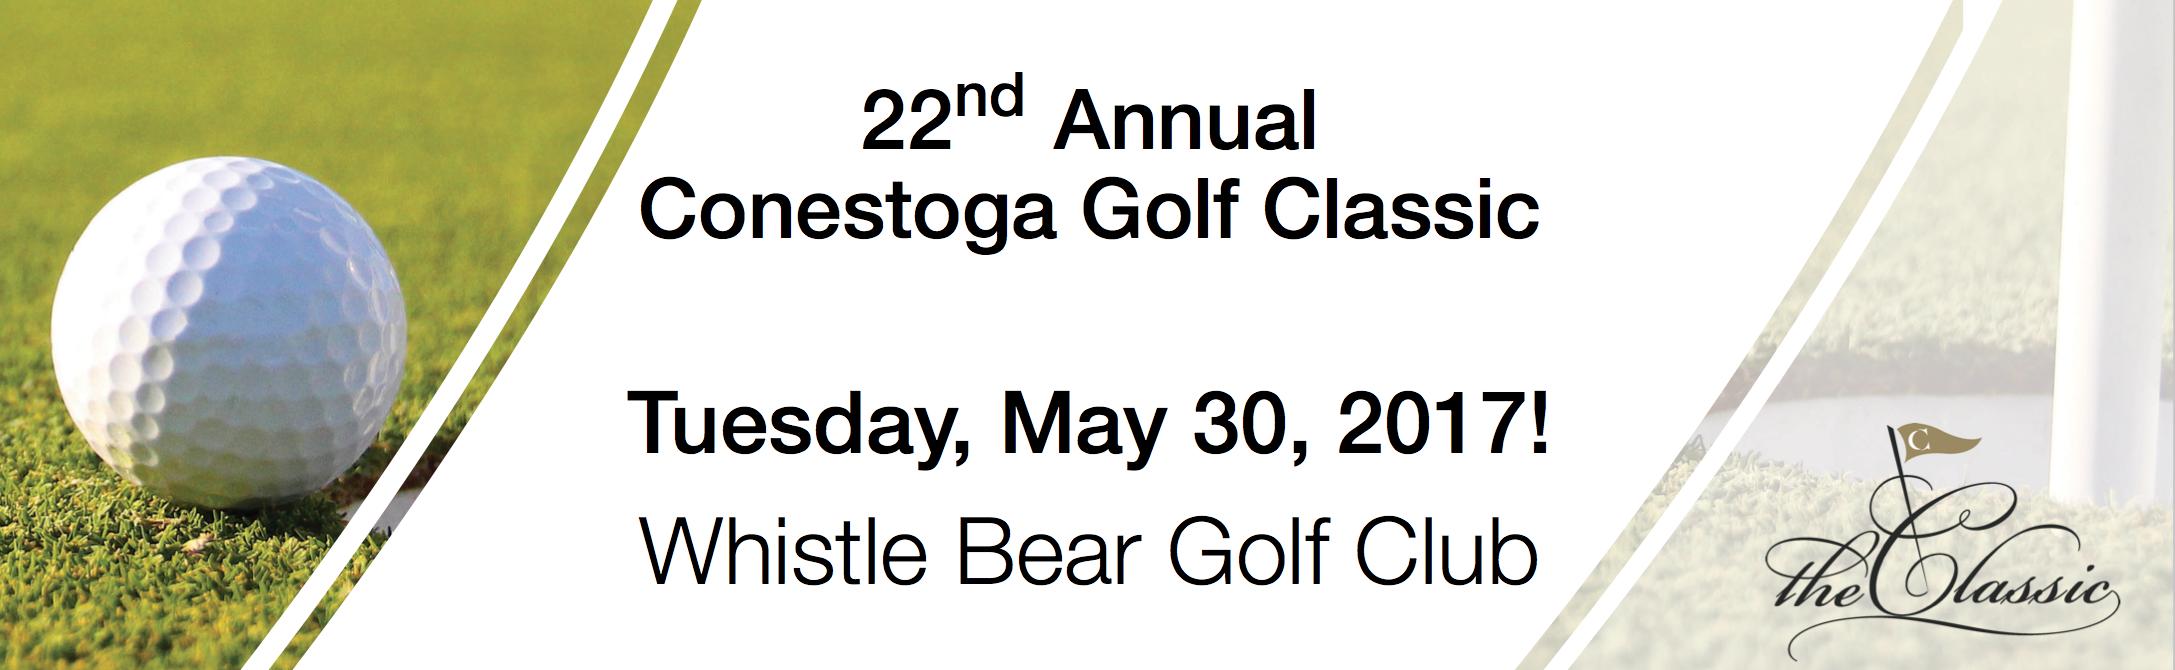 Conestoga Golf Classic